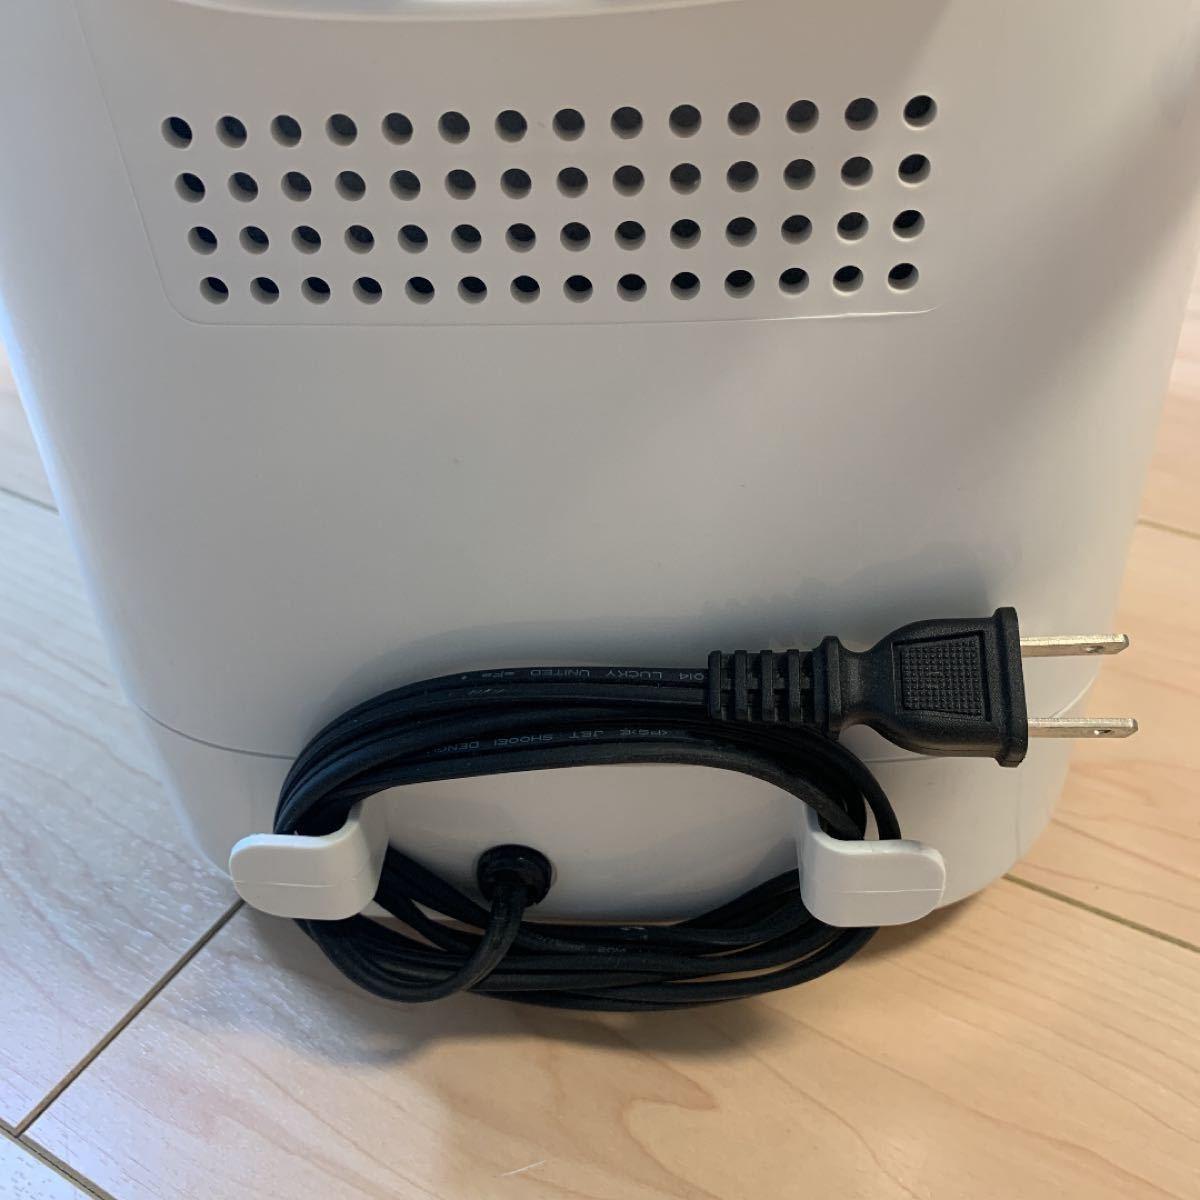 自動ホームベーカリー MK HBH-100 1斤タイプ レシピ付 ふっくらパン屋 パン焼き 手作り キッチン 家電